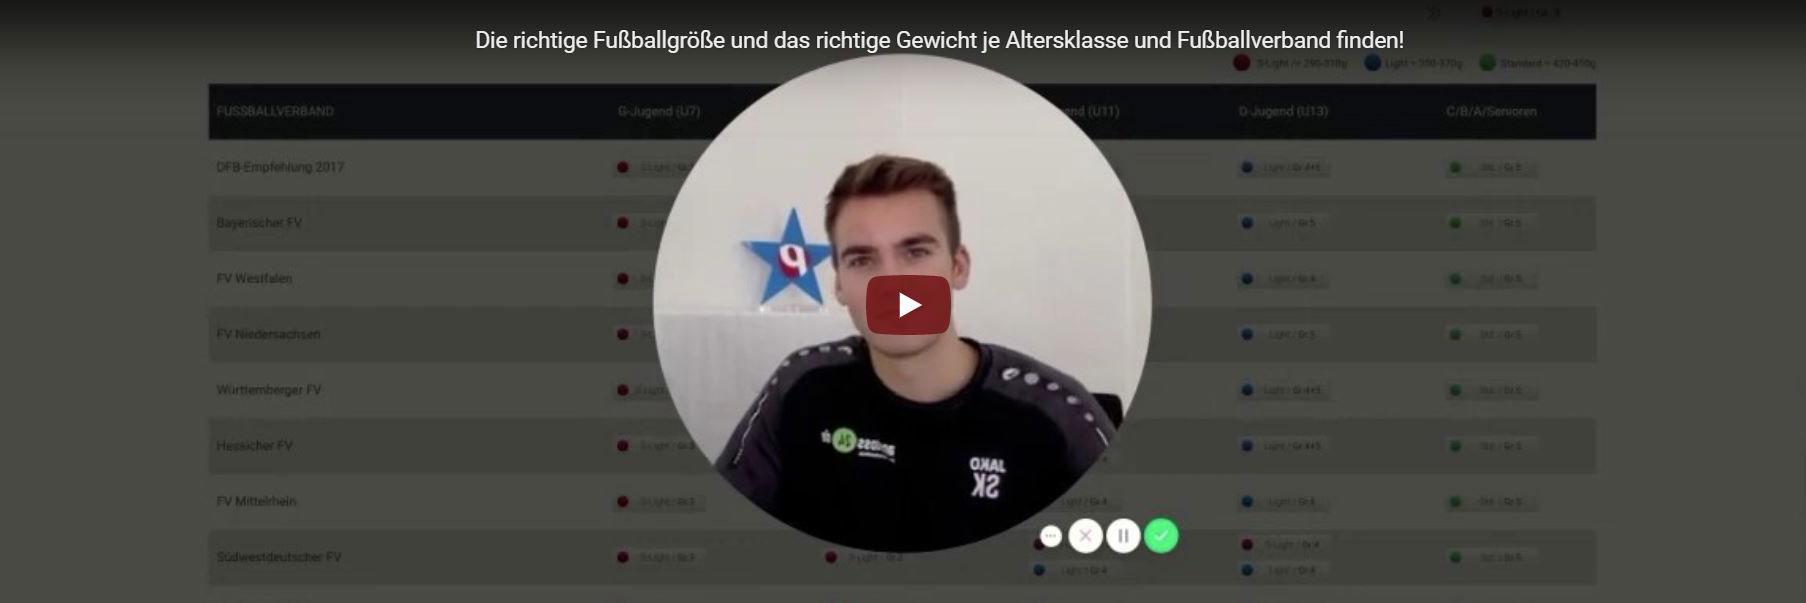 Ballgrößen Video